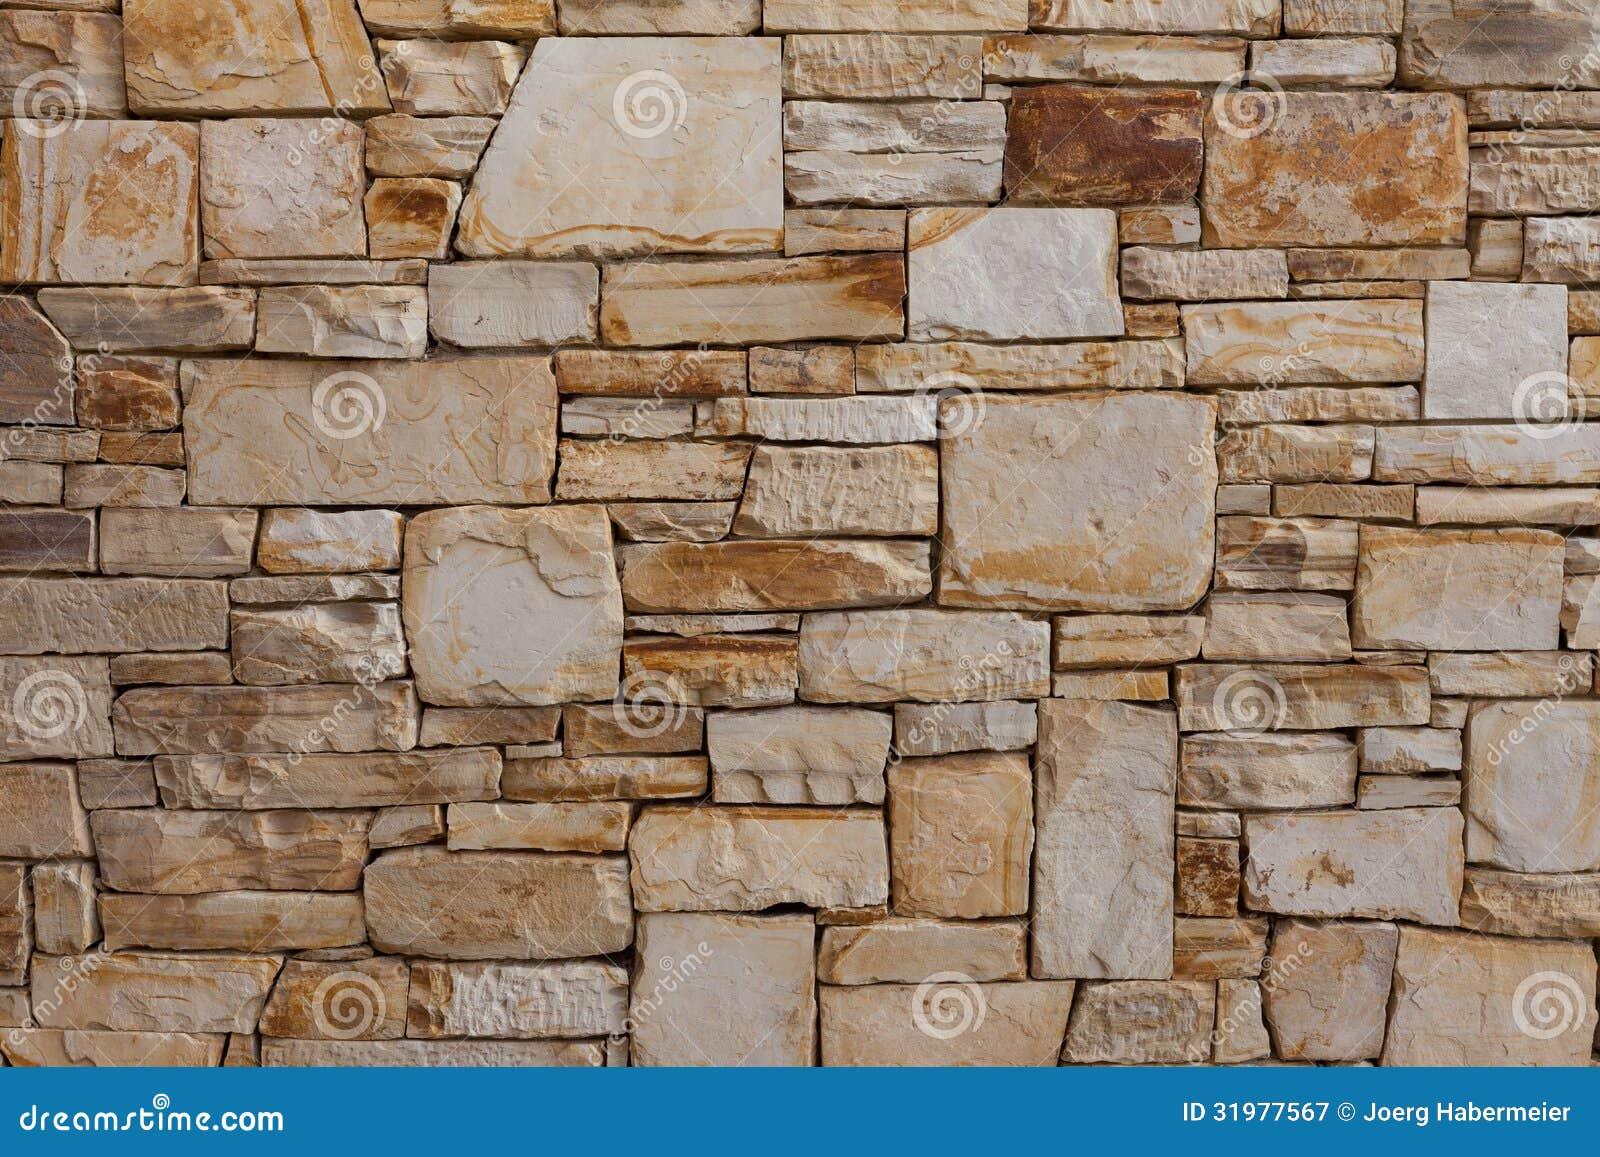 Lujo fondo de piedra natural del modelo de la pared de ladrillo imagen de archivo imagen de - Pared de piedra natural ...